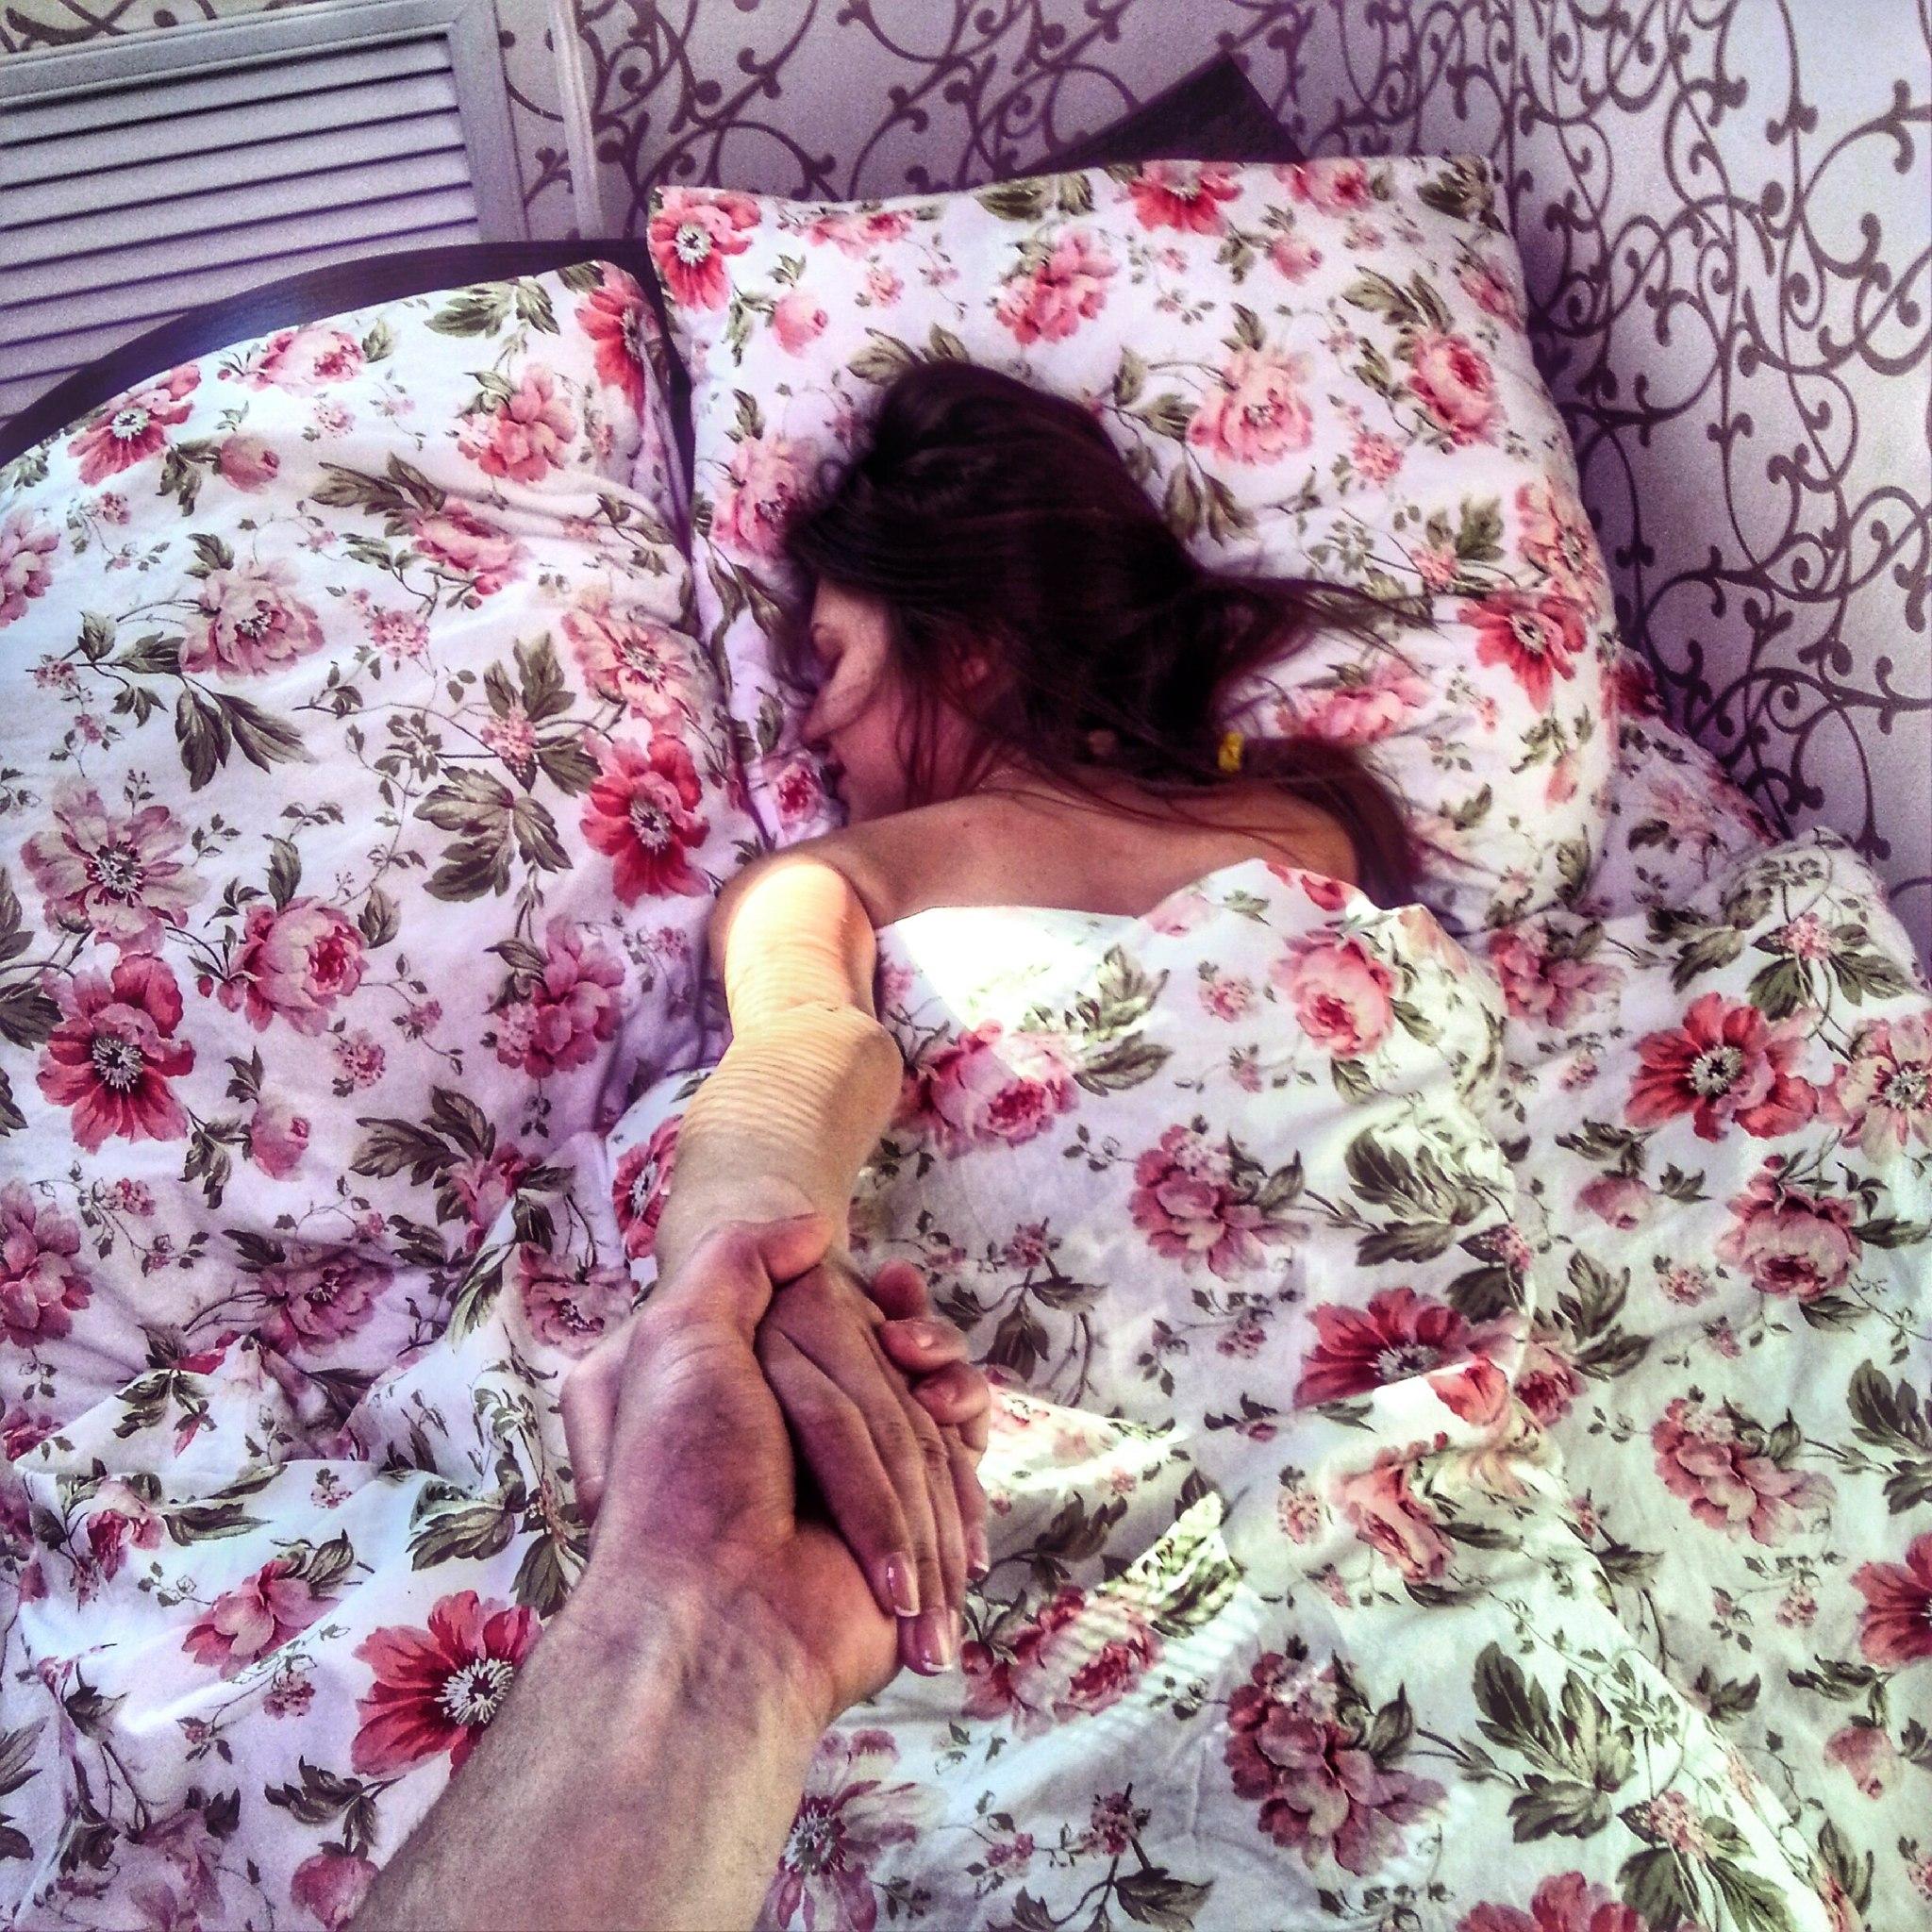 Трахнул спящею девочку фото 24 фотография